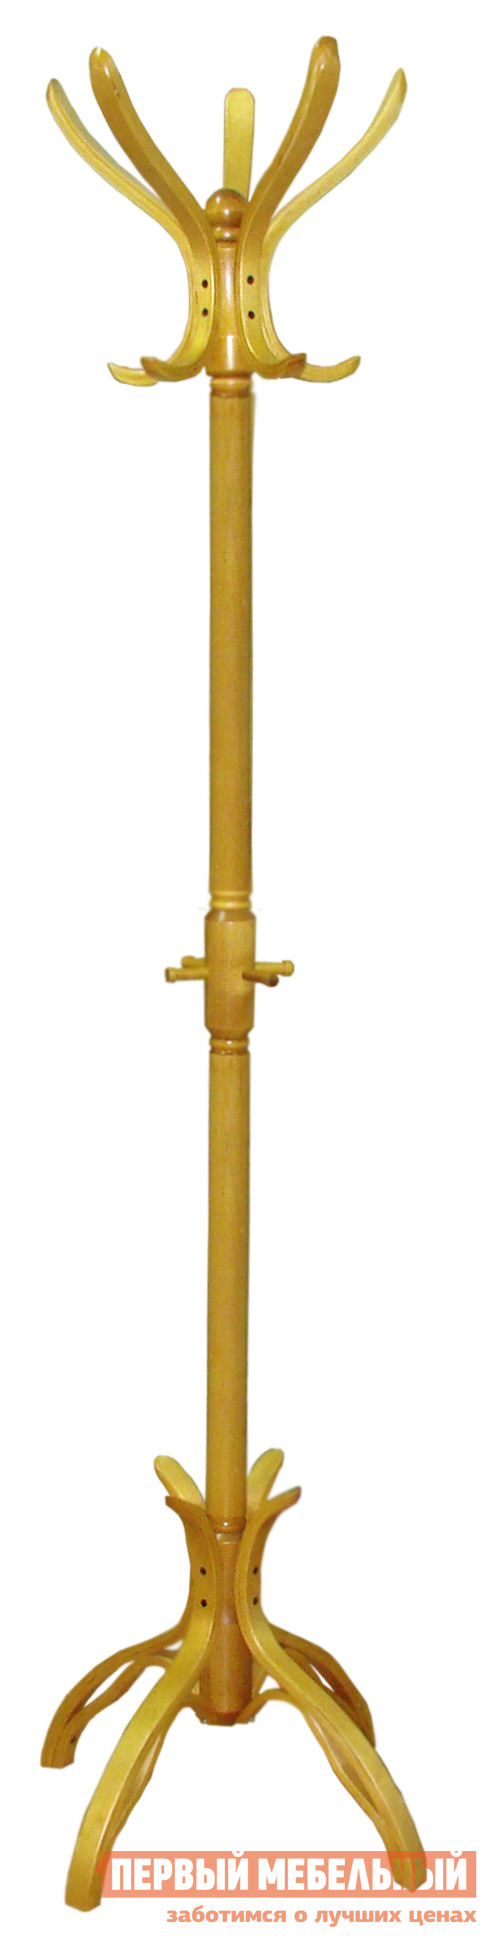 Напольная вешалка Мебелик В 12Н Светло-коричневыйНапольные вешалки<br>Габаритные размеры ВхШхГ 1820x500x500 мм. Напольная вешалка из массива березы.  На вешалке расположено 5 крючков для одежды и 4 крючка для сумок и зонтов.   Варианты цвета исполнения помогут выбрать максимально подходящую для вашего интерьера вешалку.<br><br>Цвет: Коричневое дерево<br>Высота мм: 1820<br>Ширина мм: 500<br>Глубина мм: 500<br>Кол-во упаковок: 1<br>Форма поставки: В разобранном виде<br>Срок гарантии: 24 месяца<br>Материал: Дерево<br>Материал: Натуральное дерево<br>Порода дерева: Береза